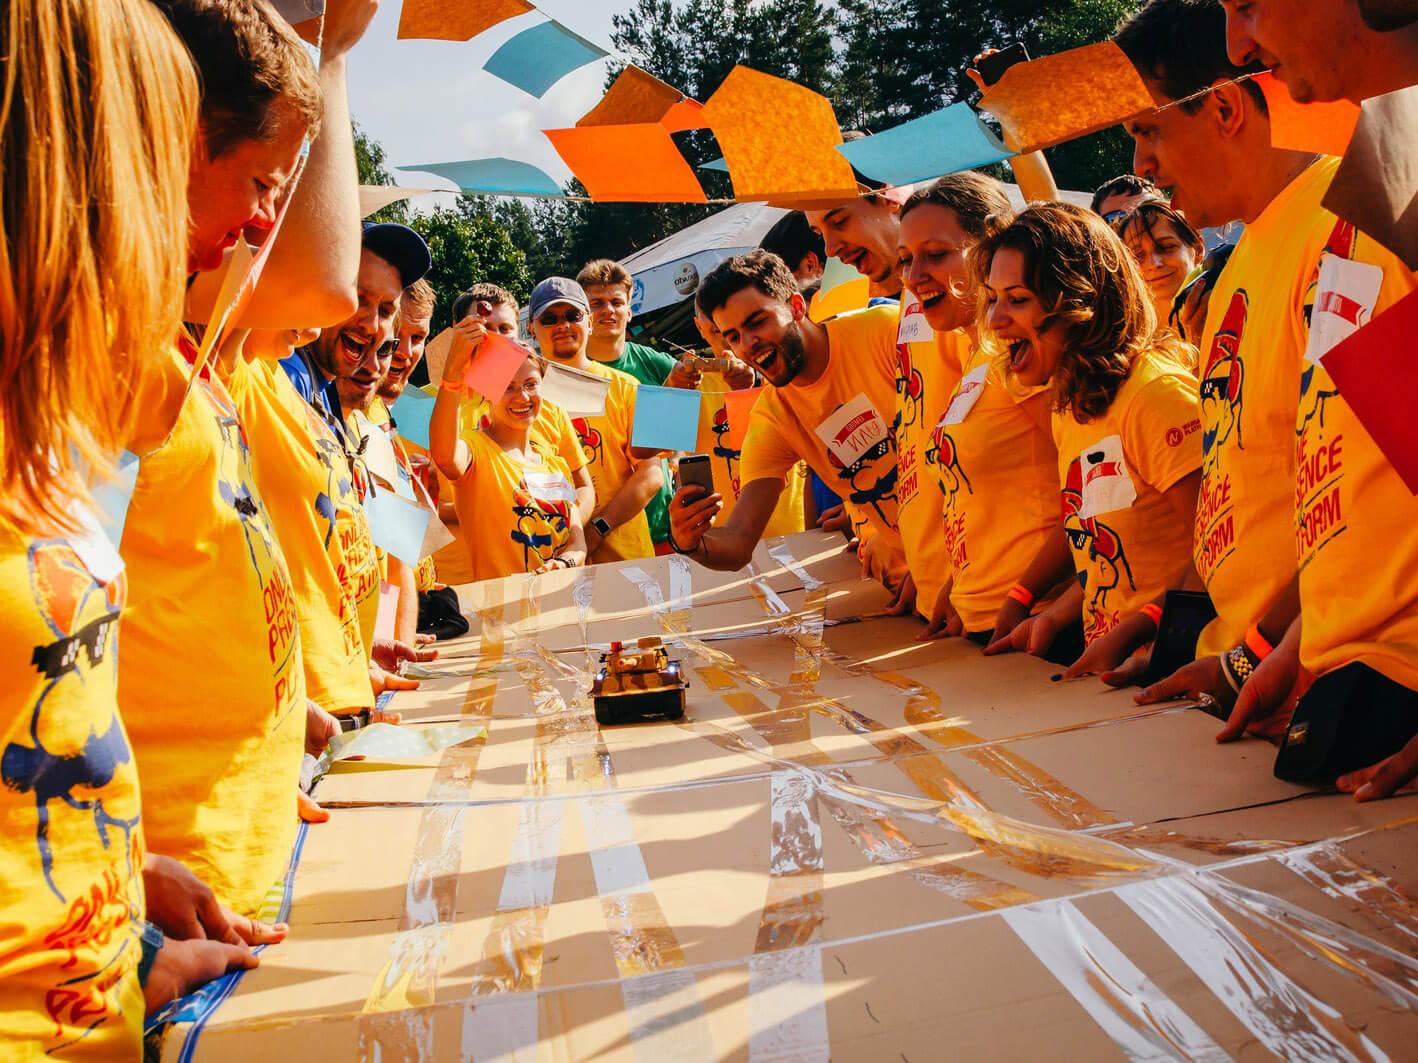 Фото проведения тимбилдинга по программе Вокруг света от Red-G